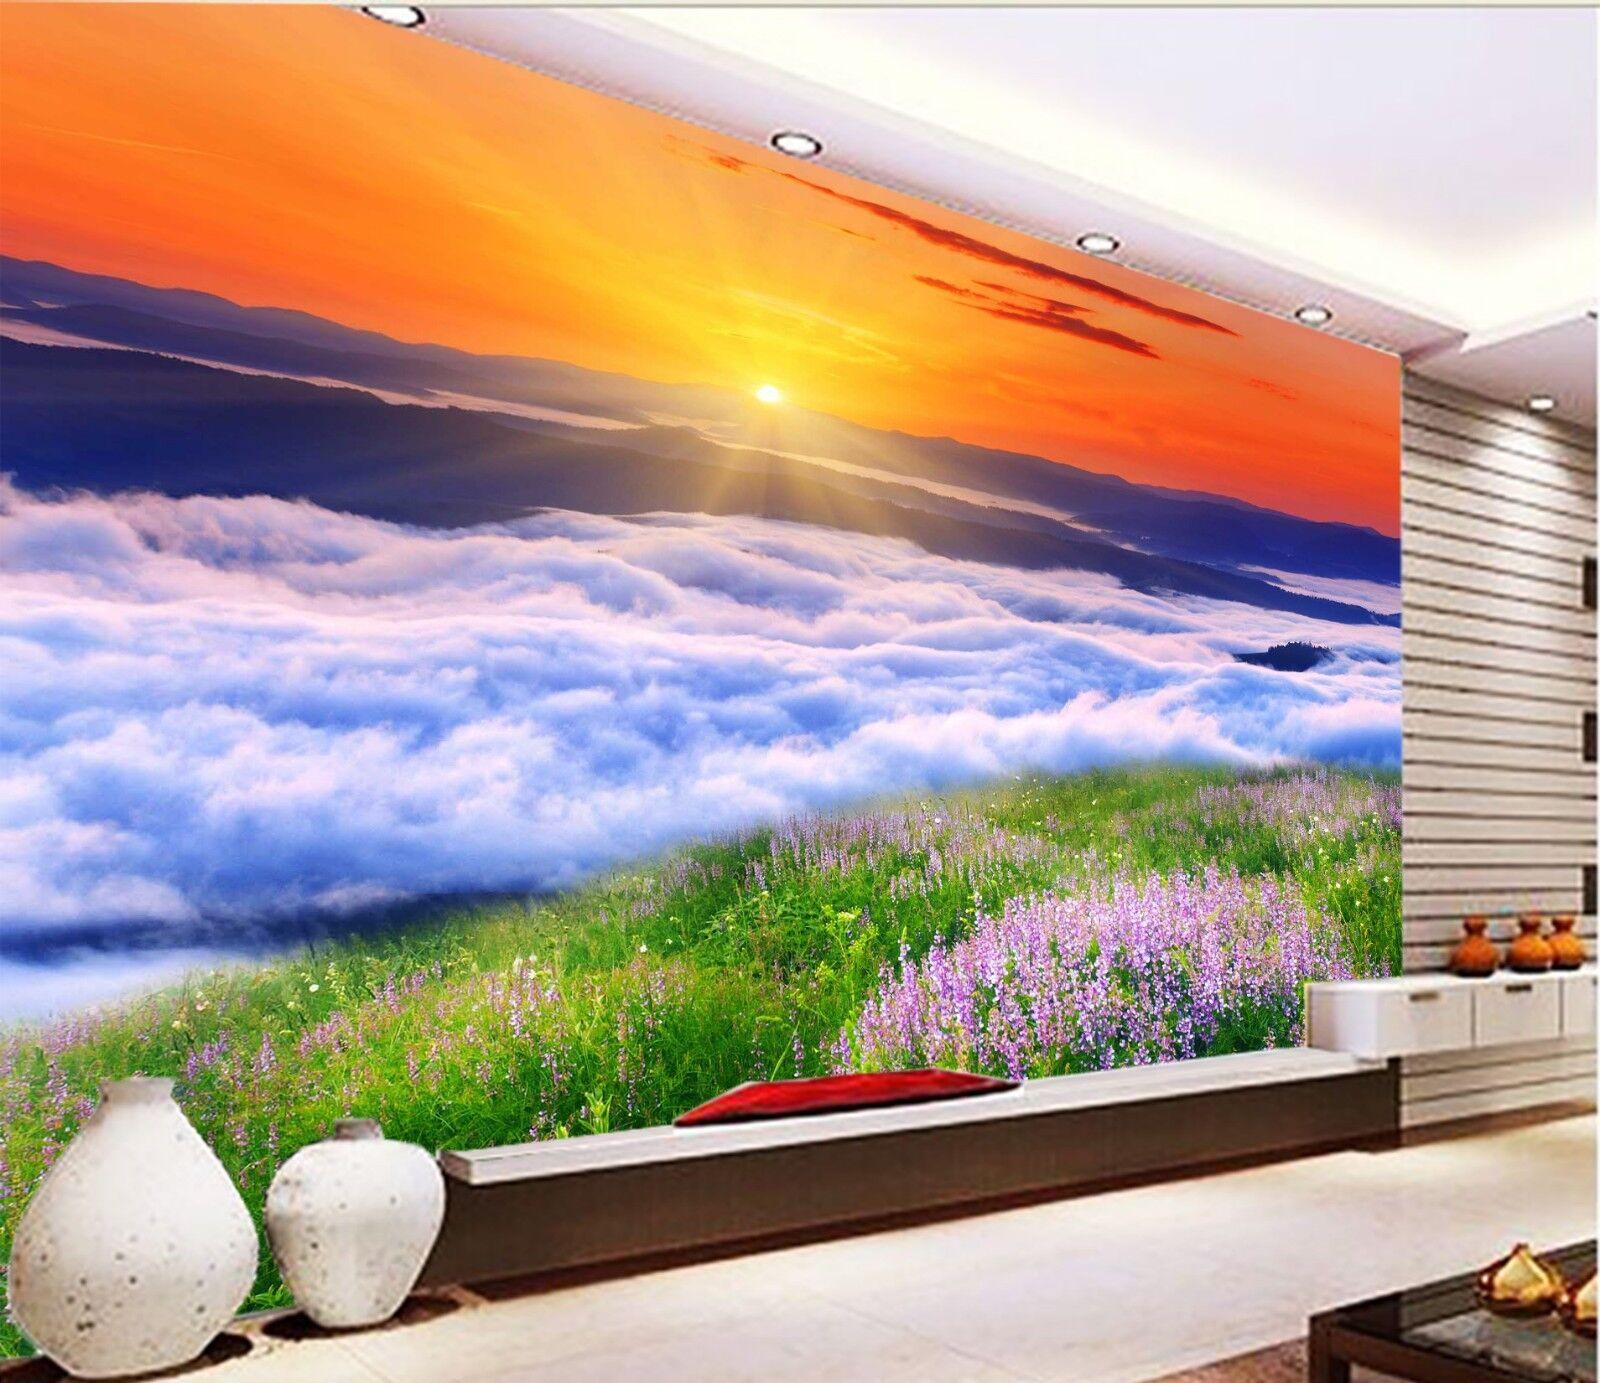 3D Lawn Clouds Sun 716 Wallpaper Mural Wall Print Wall Wallpaper Murals US Lemon